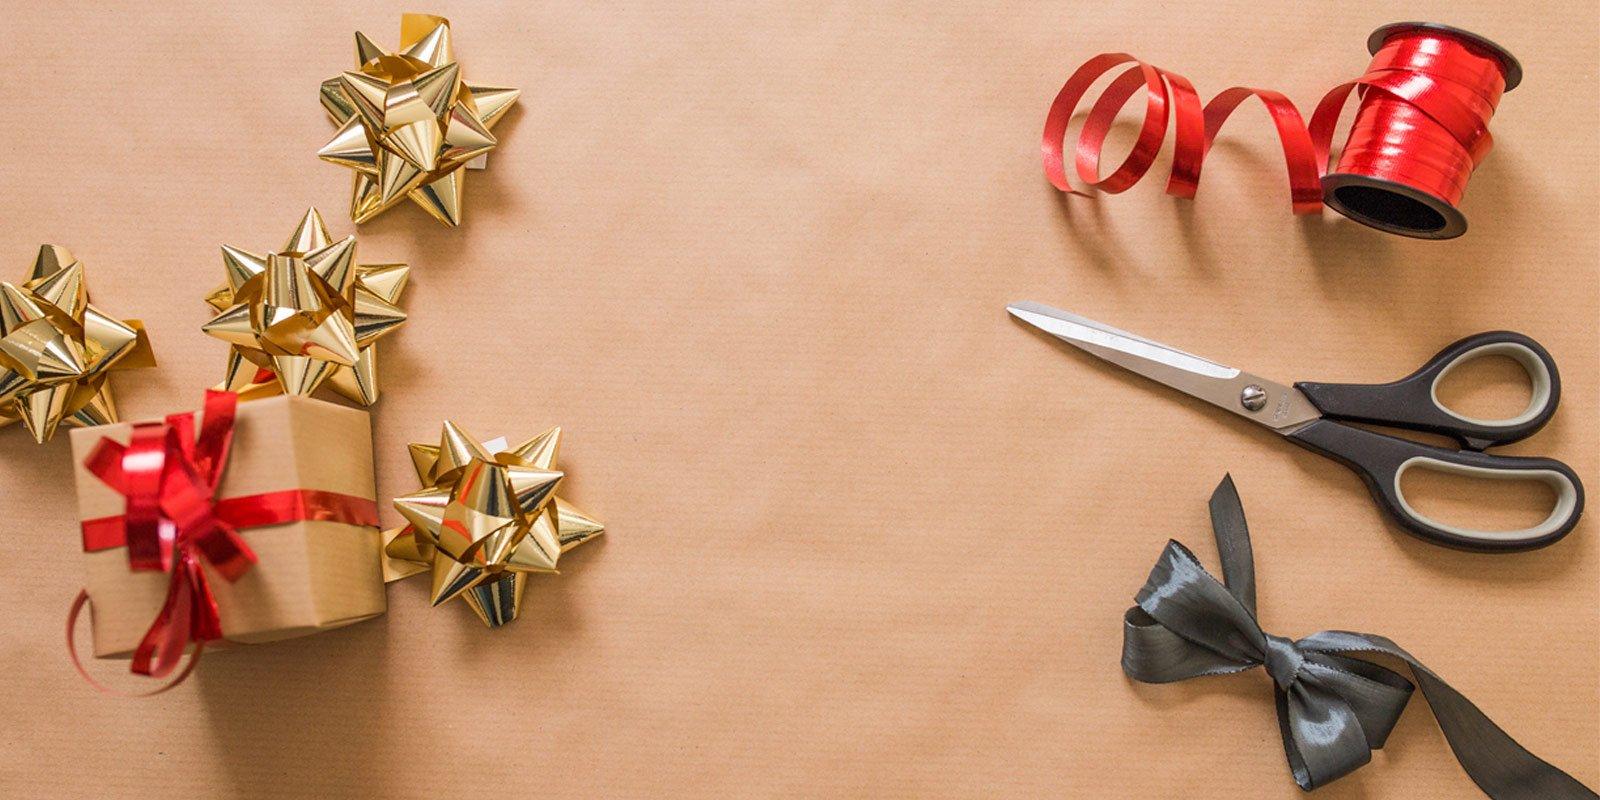 regalos originales que puedes dar esta navidad sin necesitar dinero